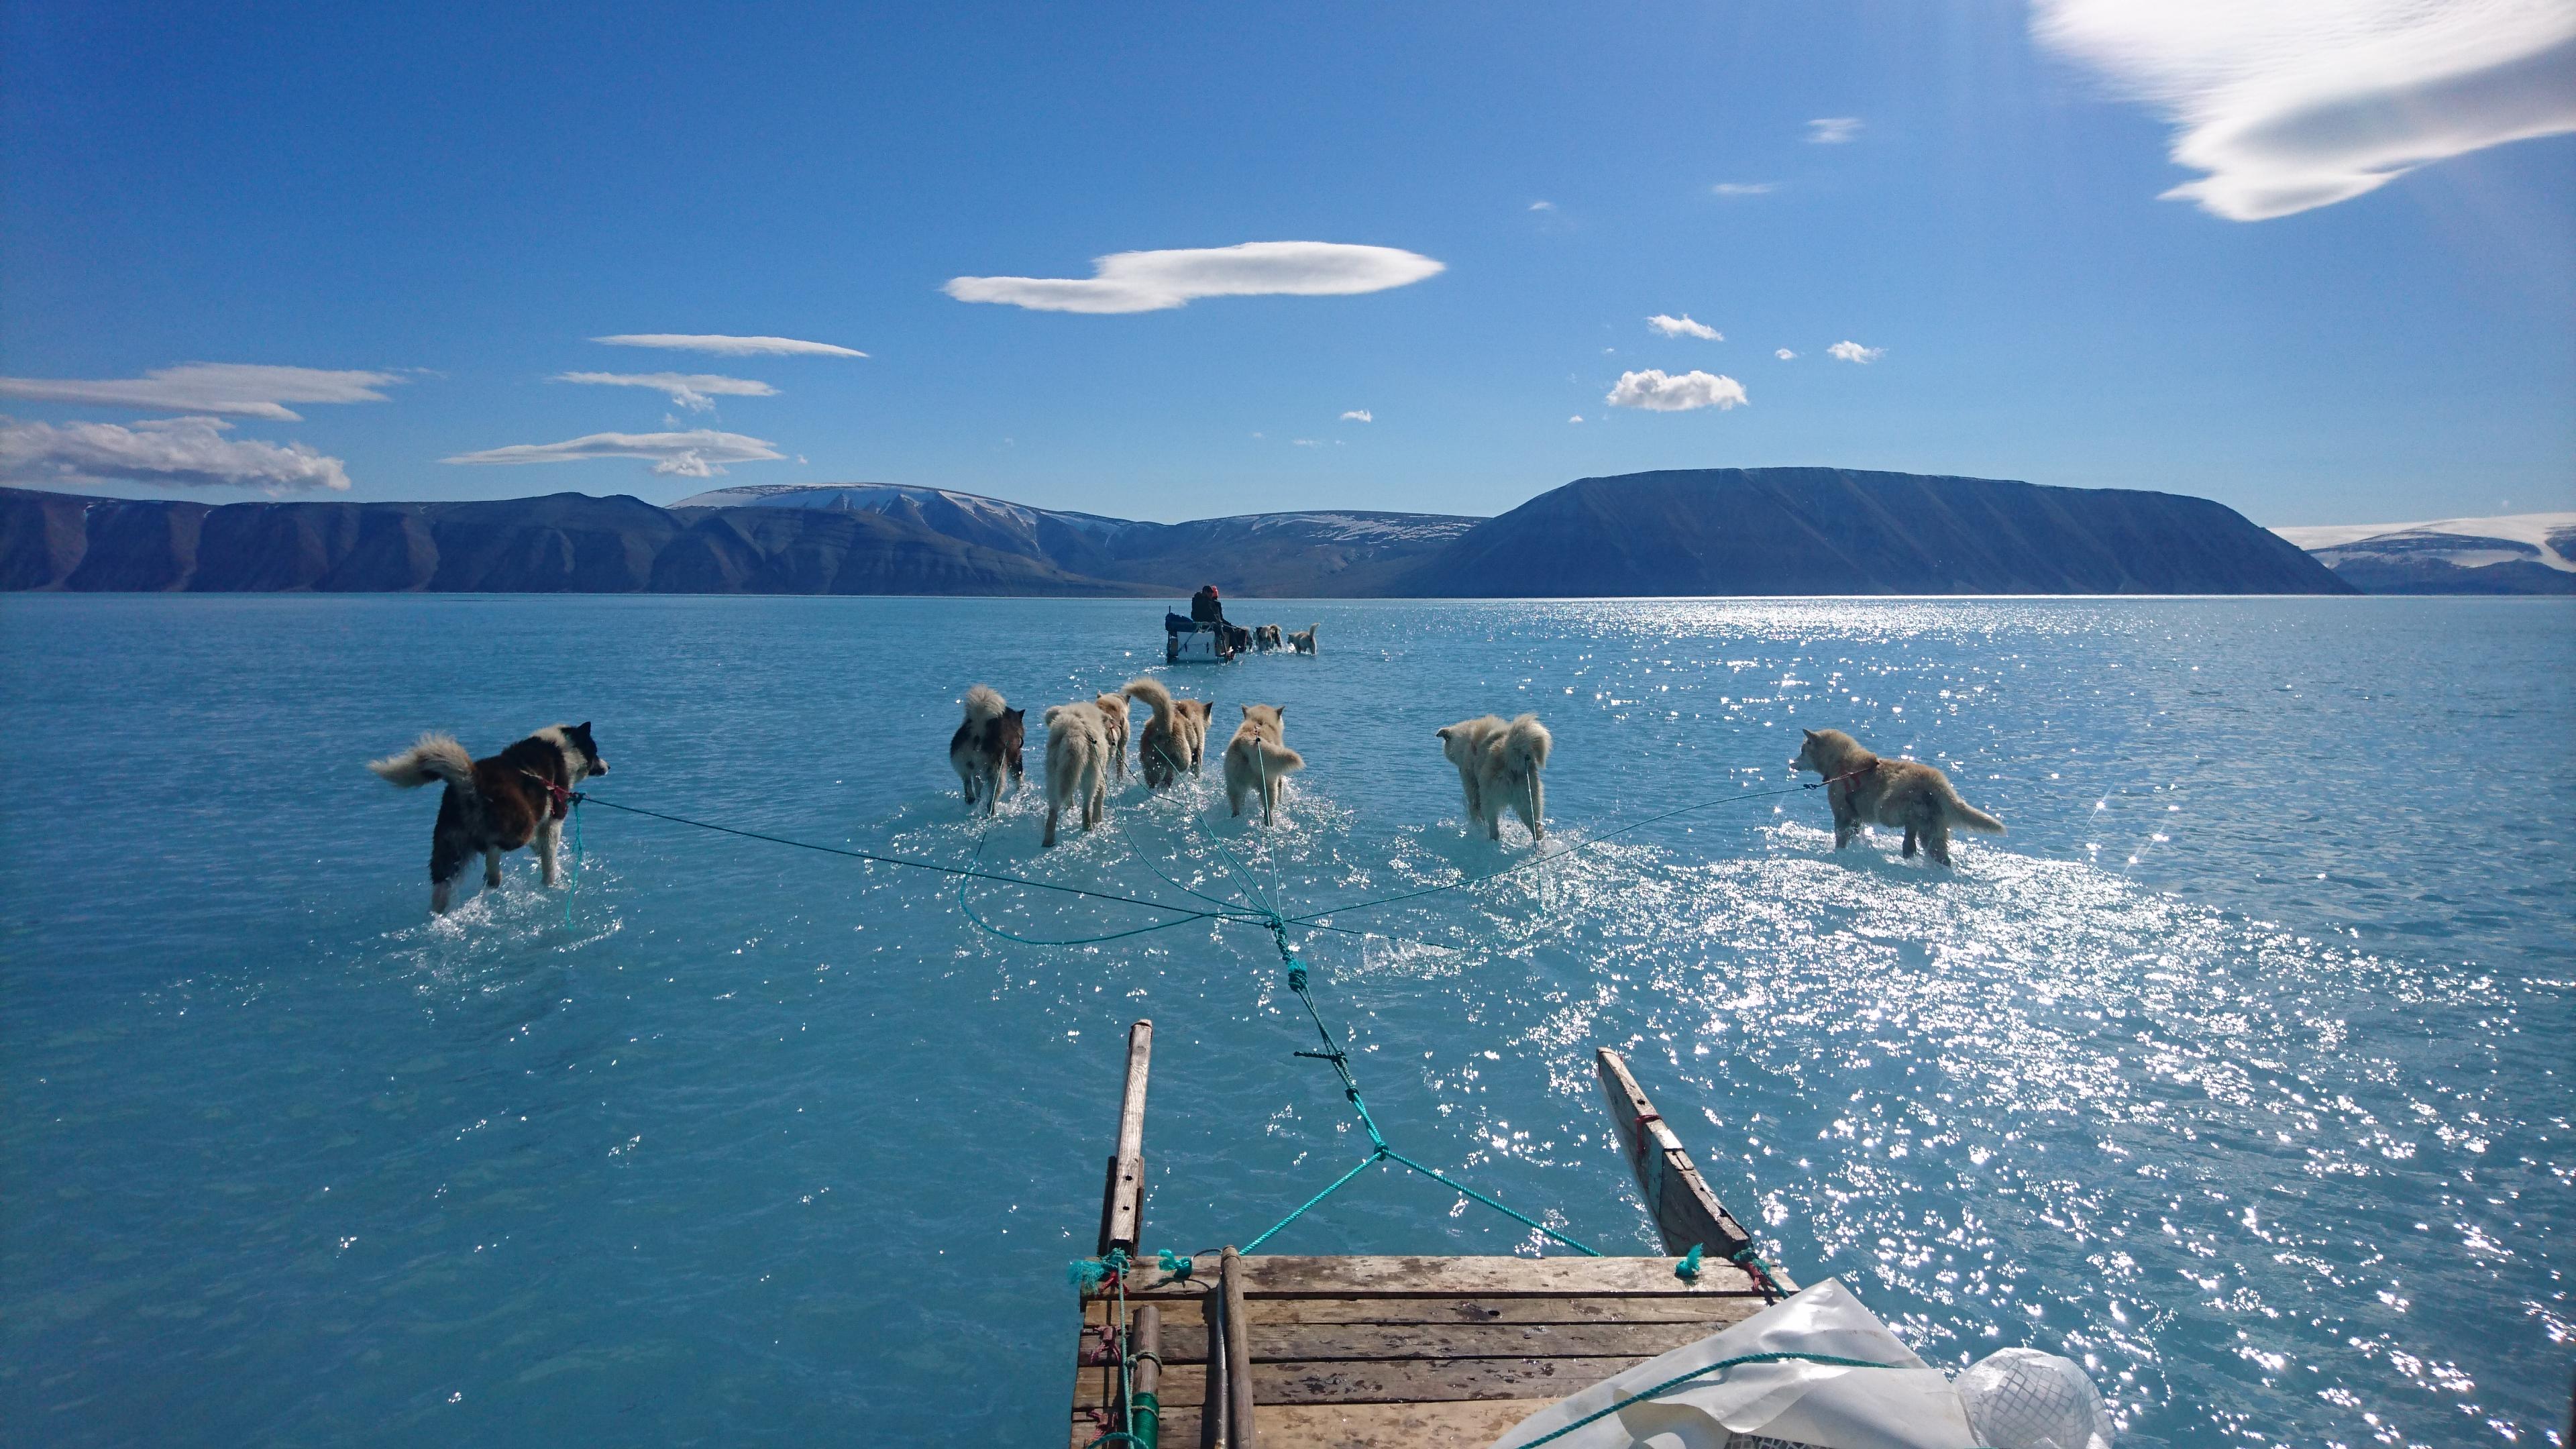 A legpesszimistább előrejelzéseknél is gyorsabban olvadhat Grönland három legnagyobb gleccsere